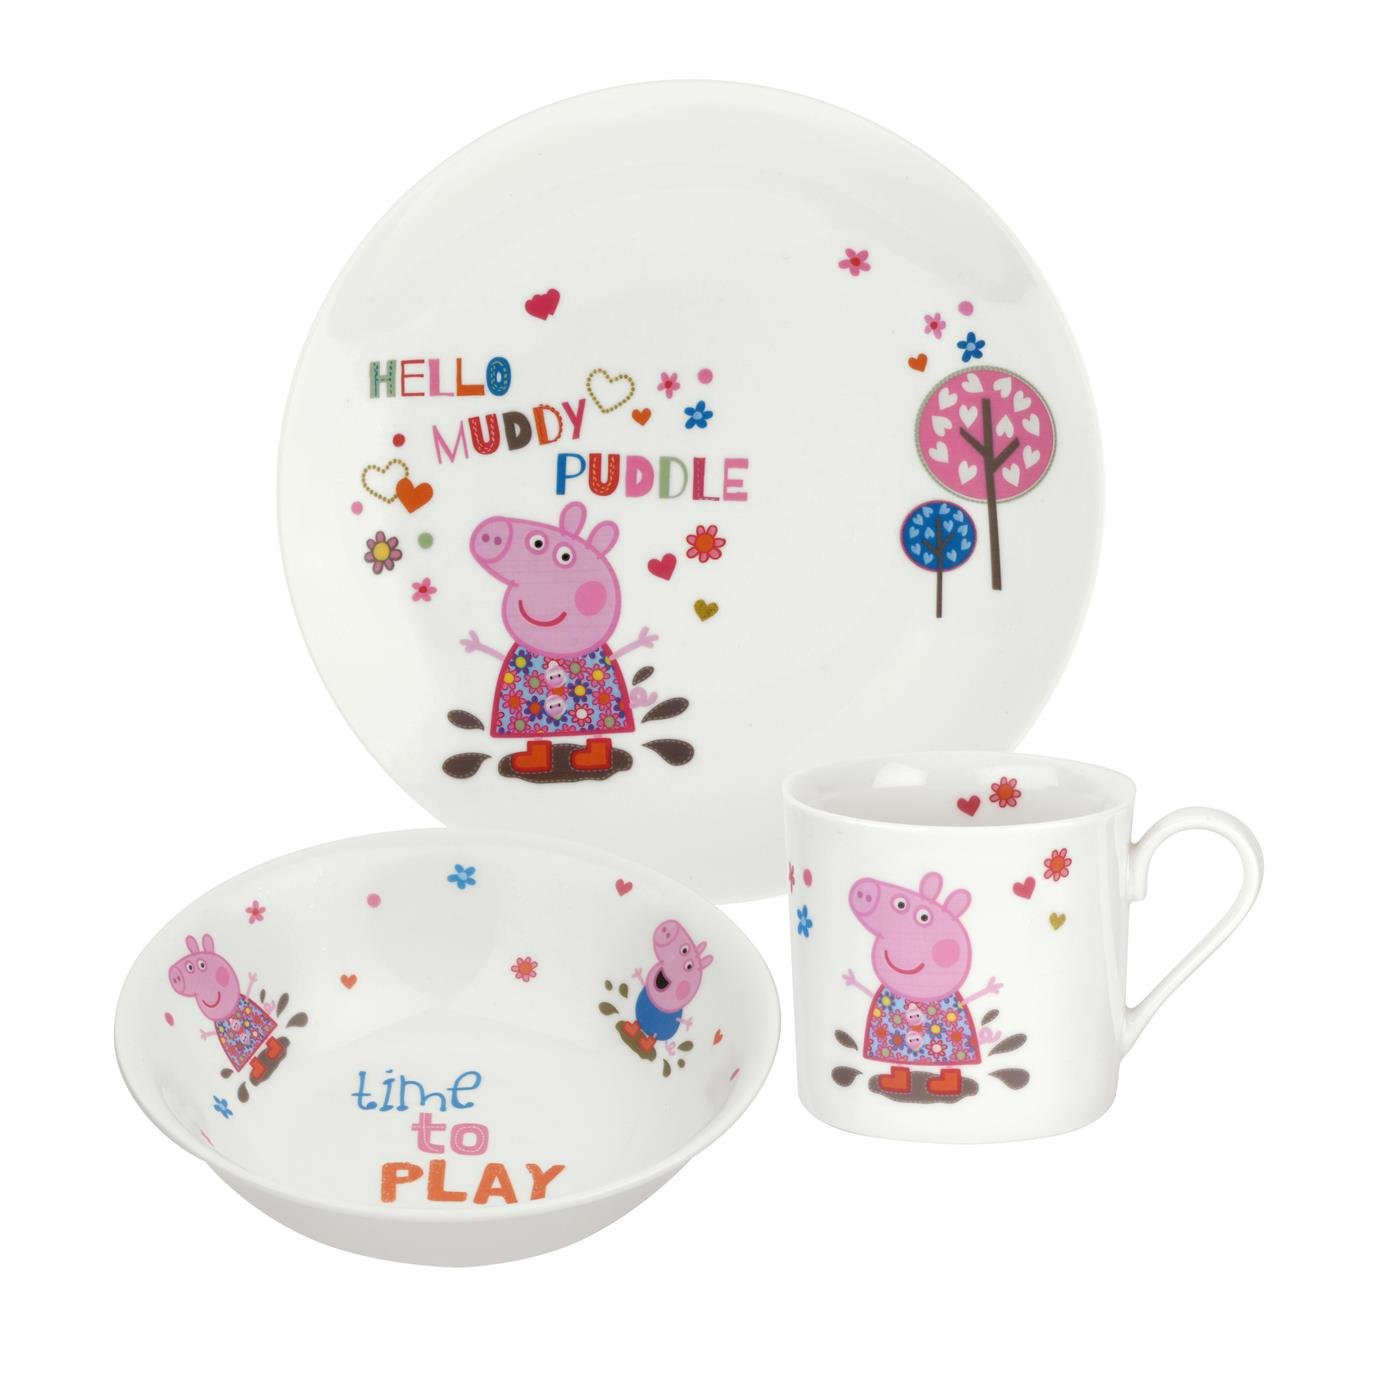 Portmeirion Peppa Pig 3-Piece Plate/ Bowl/ Mug Set, Multi-Colour PEP78375-XG